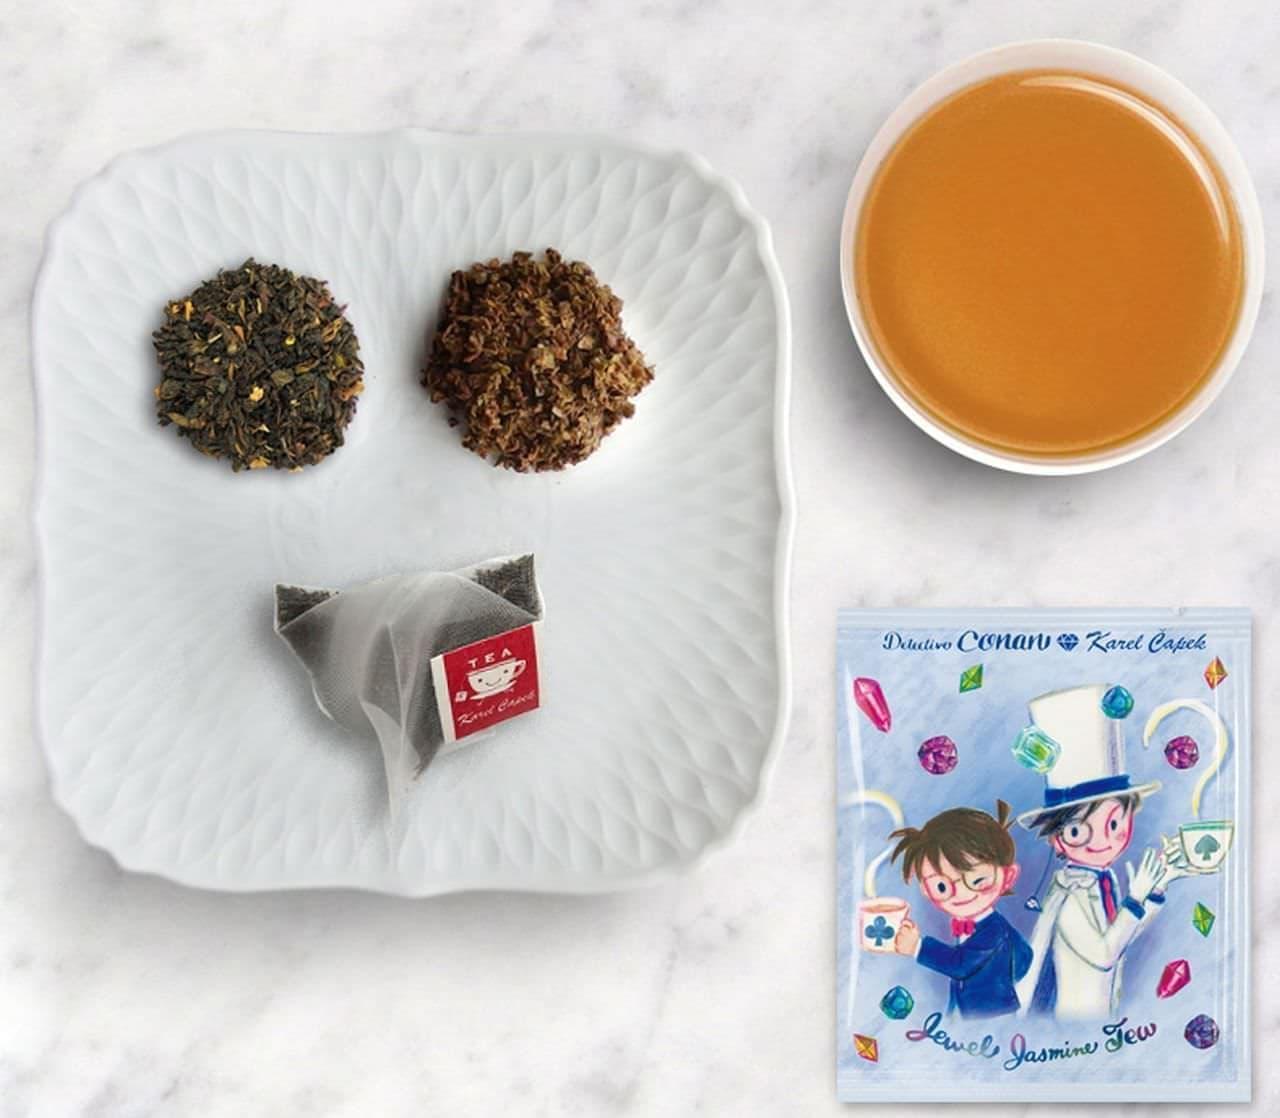 カレルチャペック紅茶店「宝石ジャスミン紅茶」